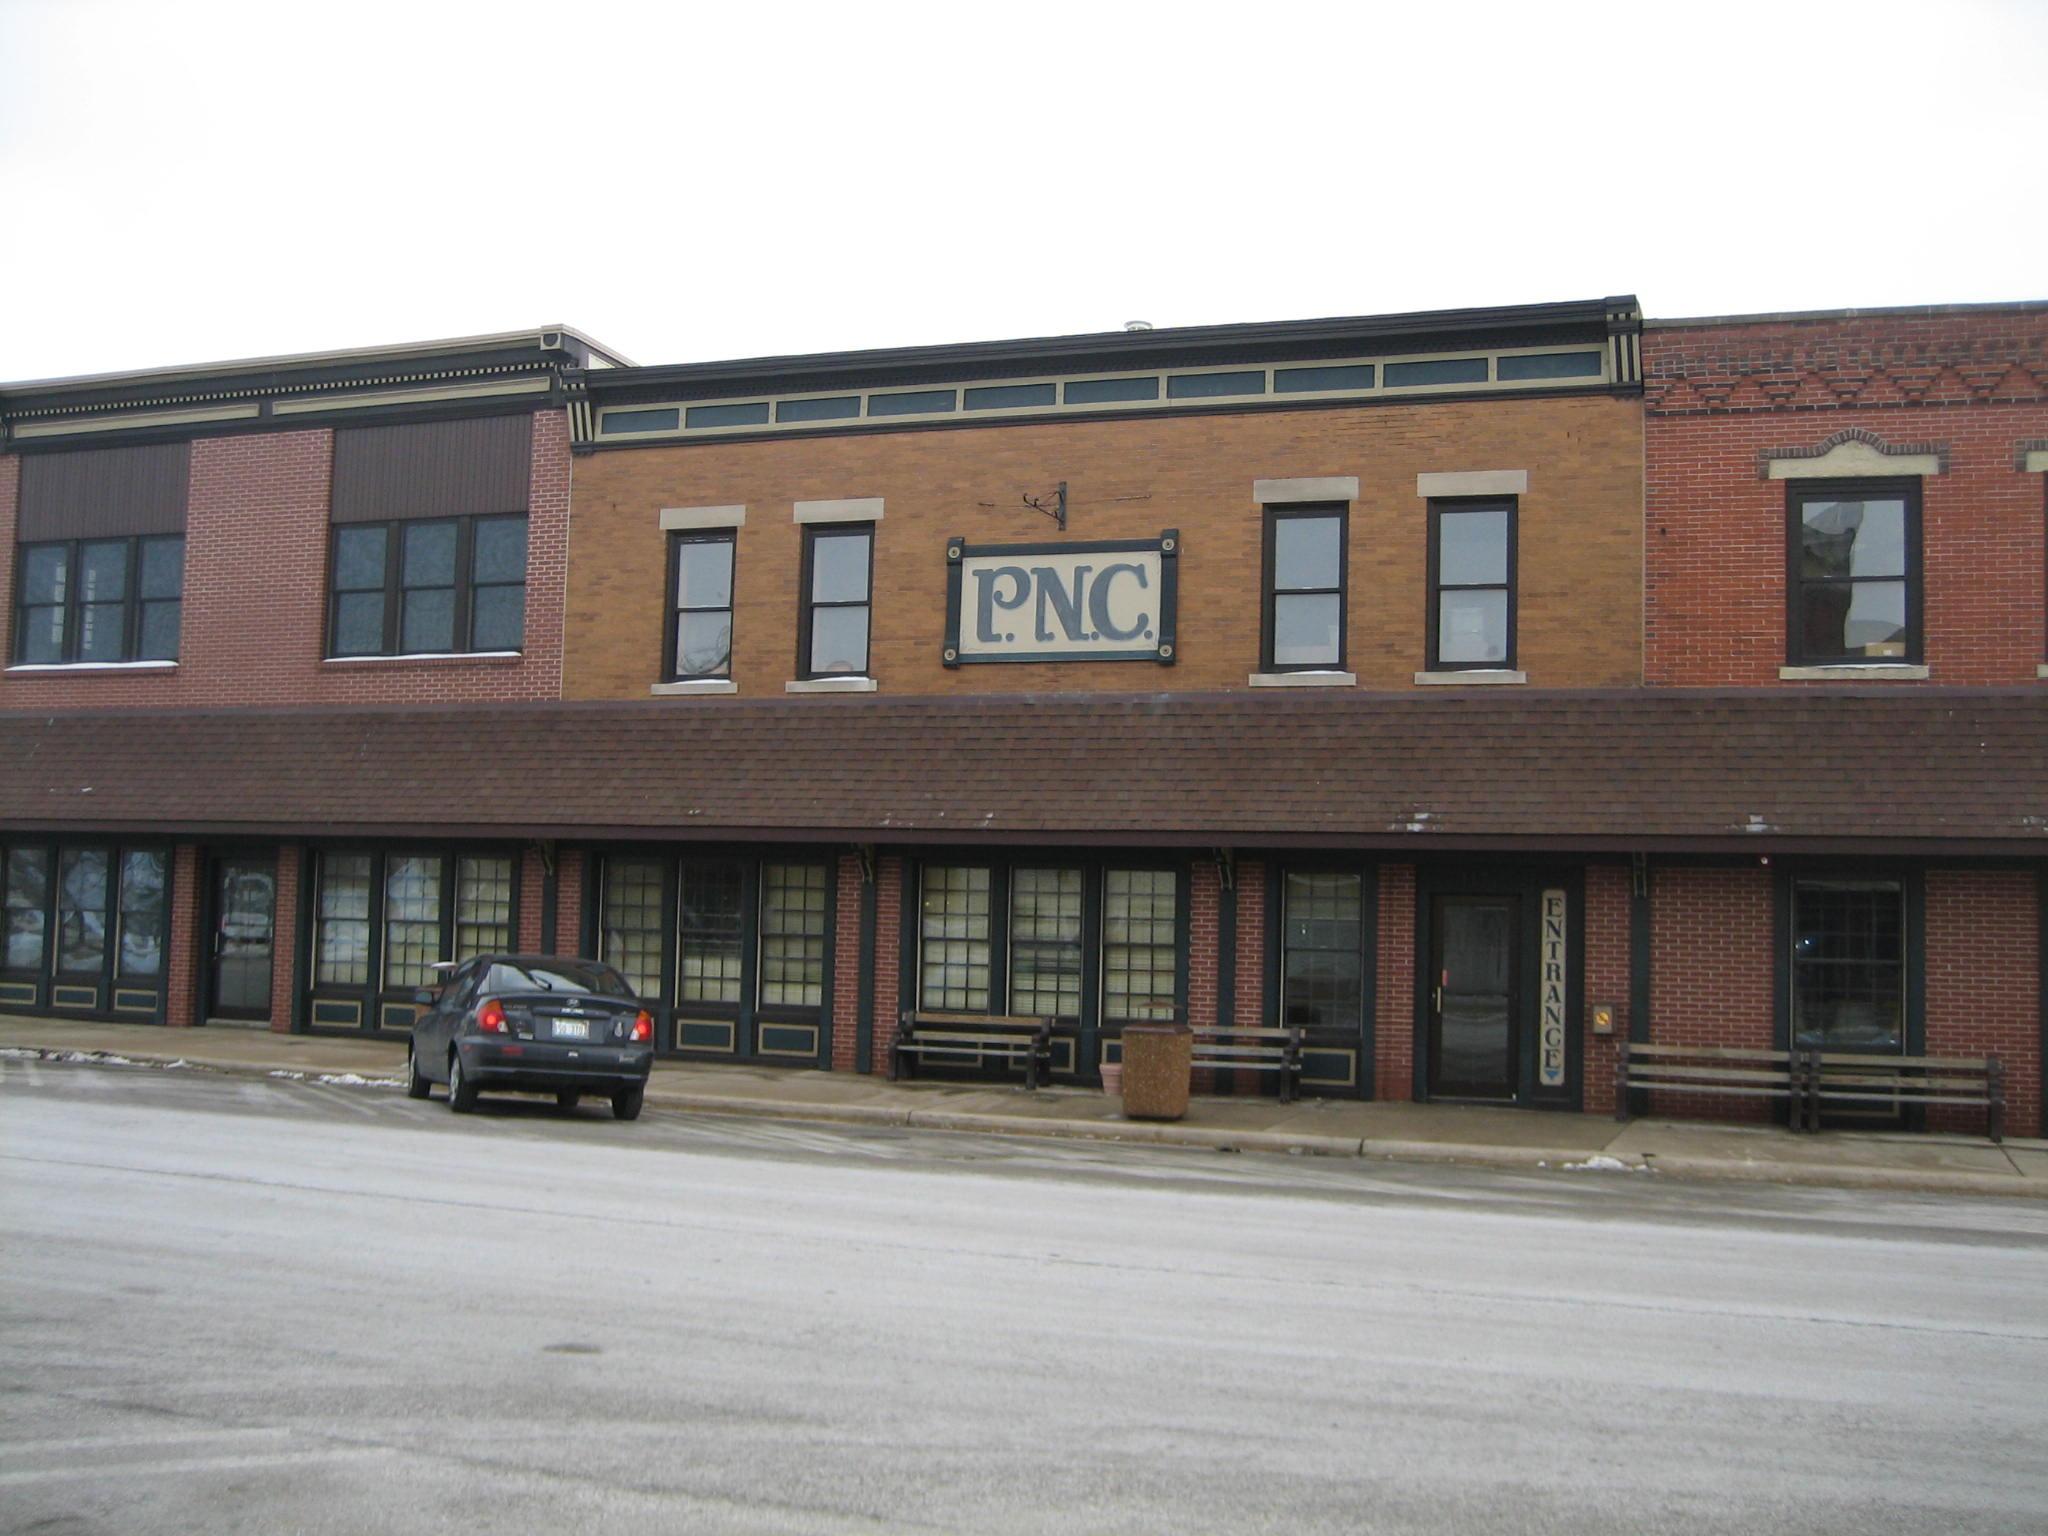 Illinois ogle county polo - File Ogle County Polo Il Polo Of Lodge3 Jpg